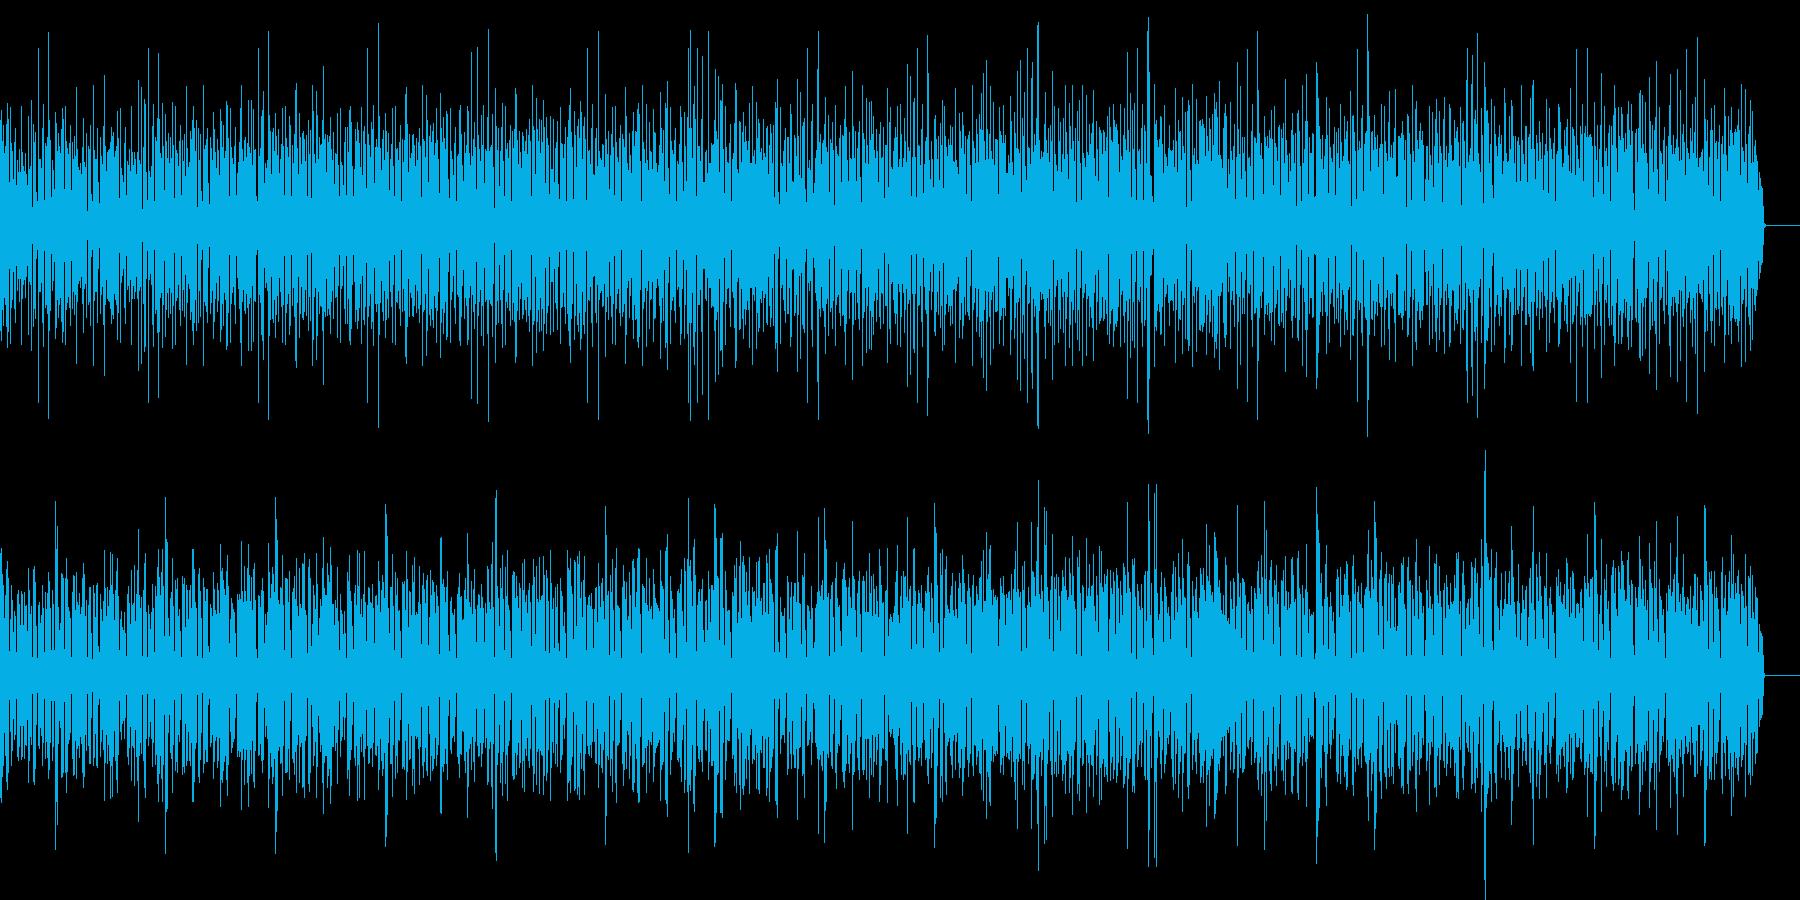 ベース、ボンゴでのミディアムテンポ曲の再生済みの波形